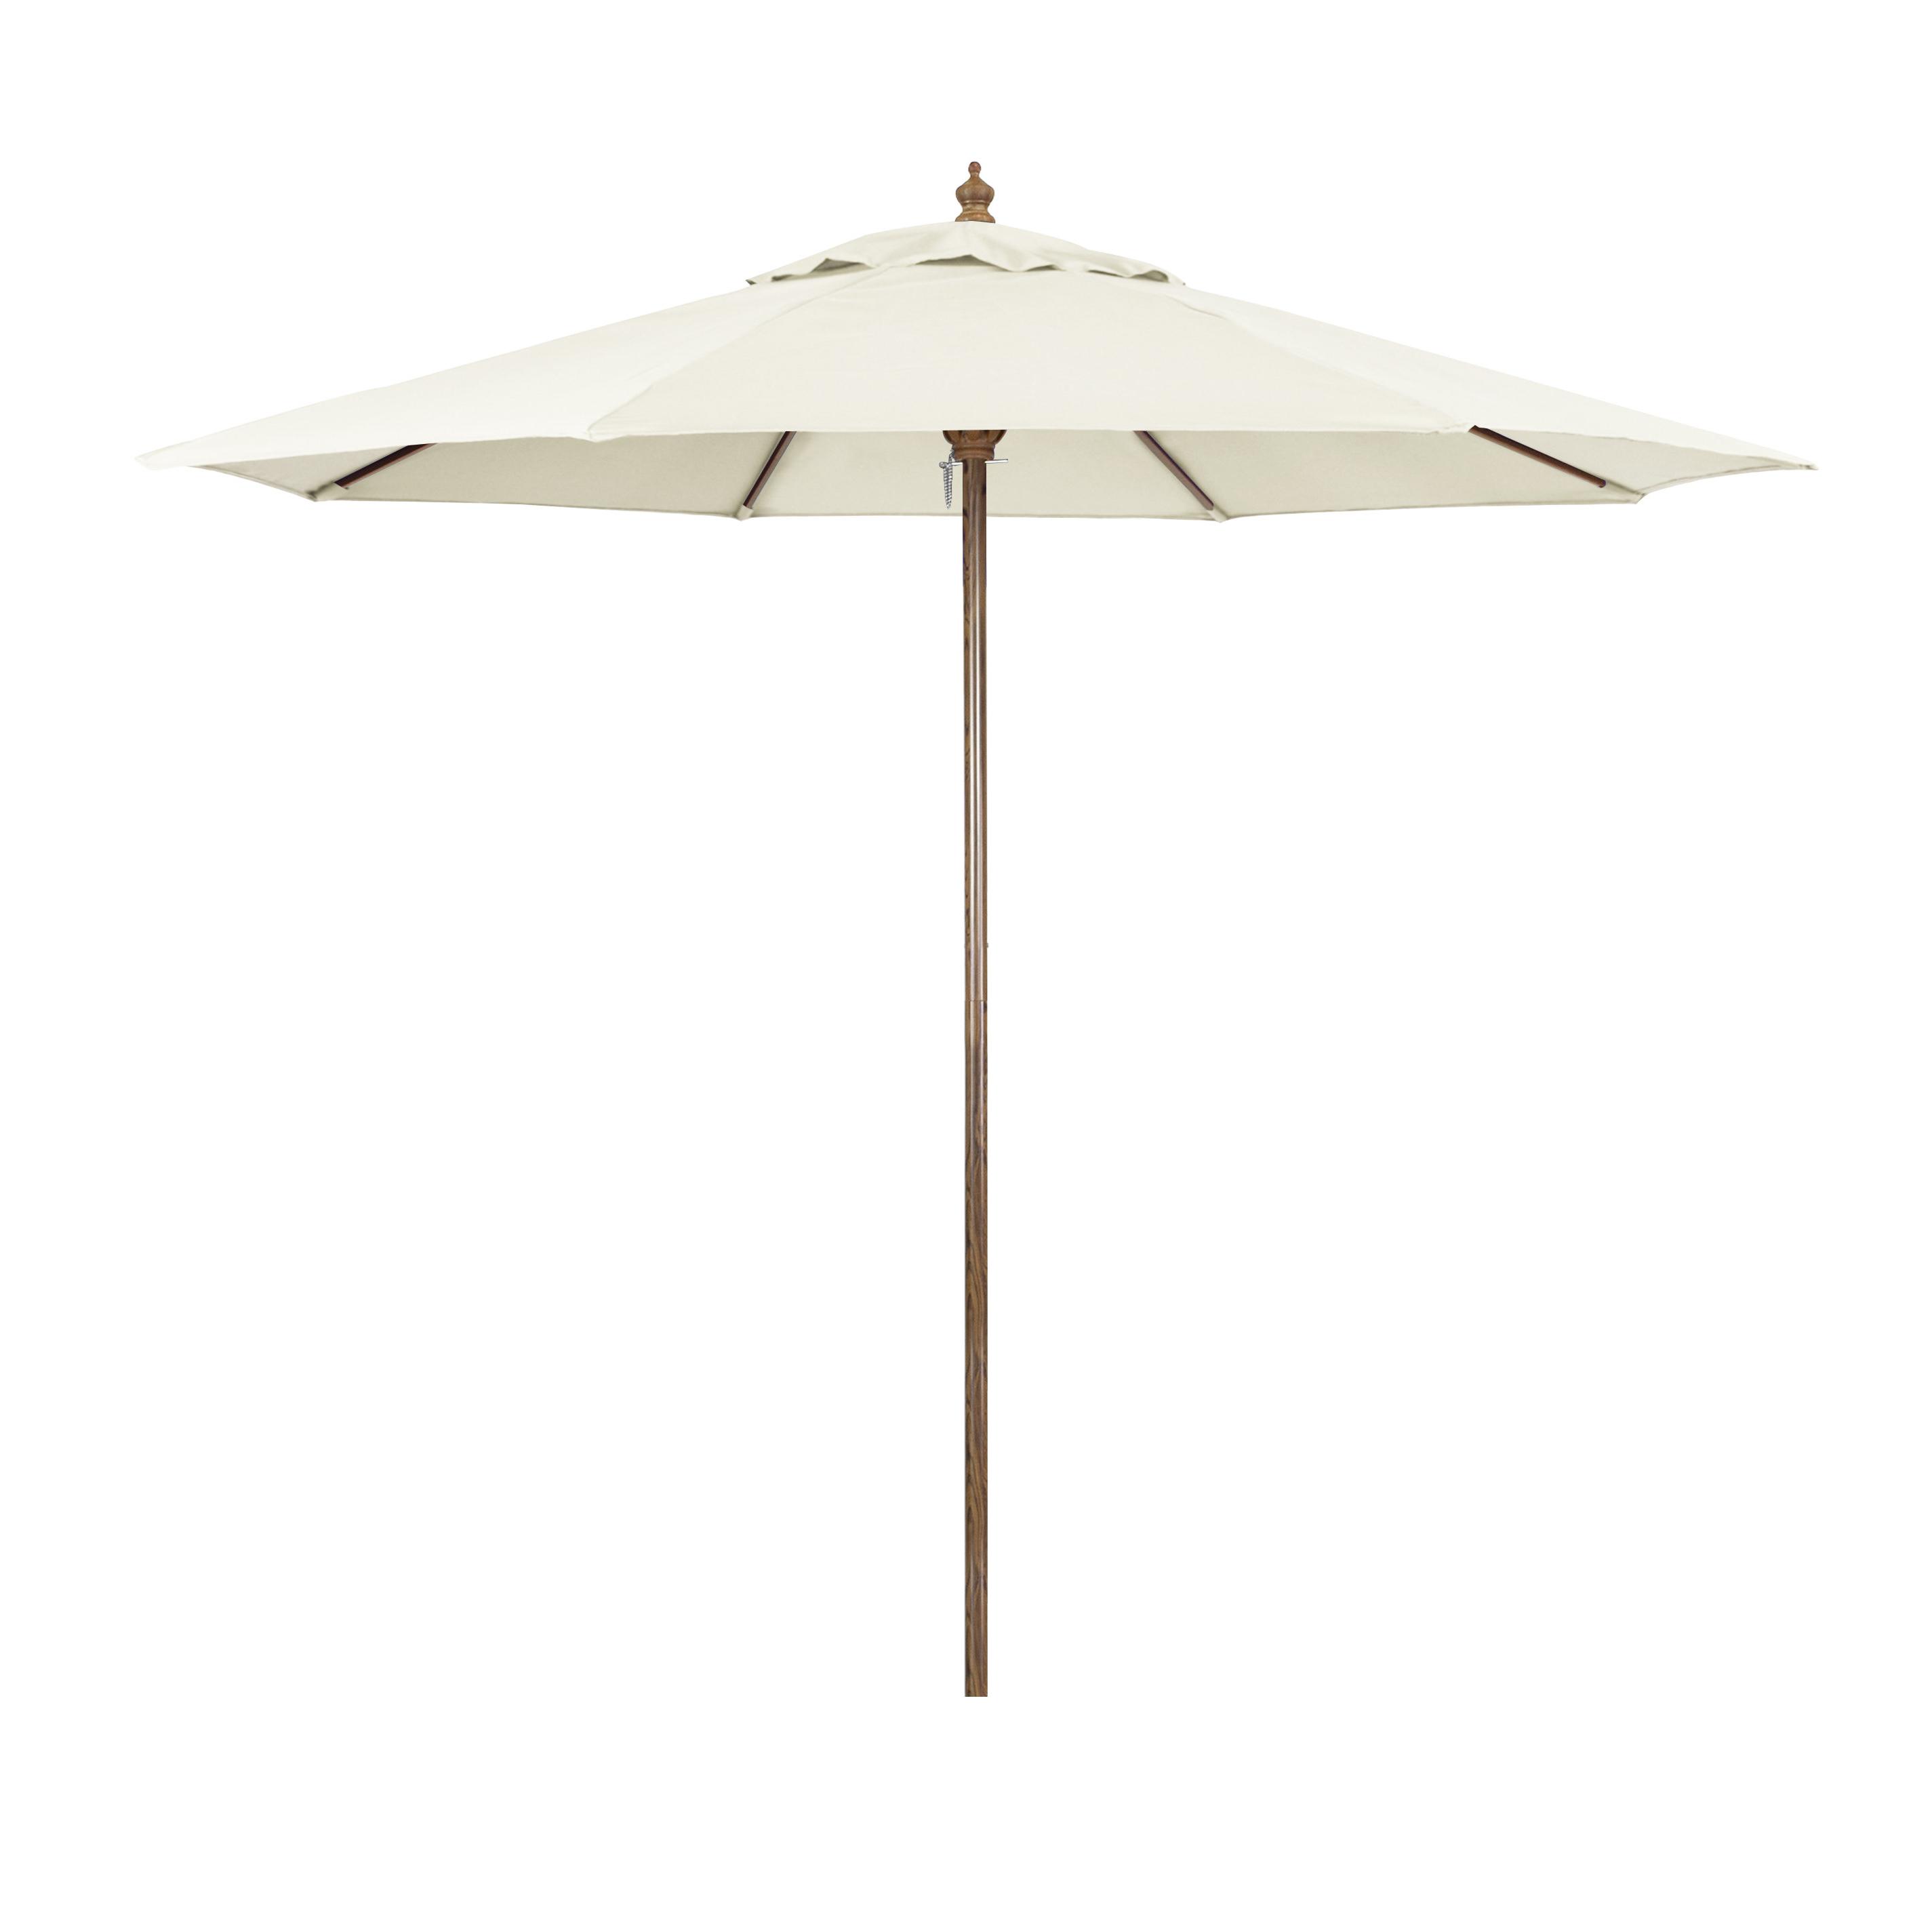 2020 Ryant 9' Market Umbrella For Delaplaine Market Umbrellas (Gallery 5 of 20)